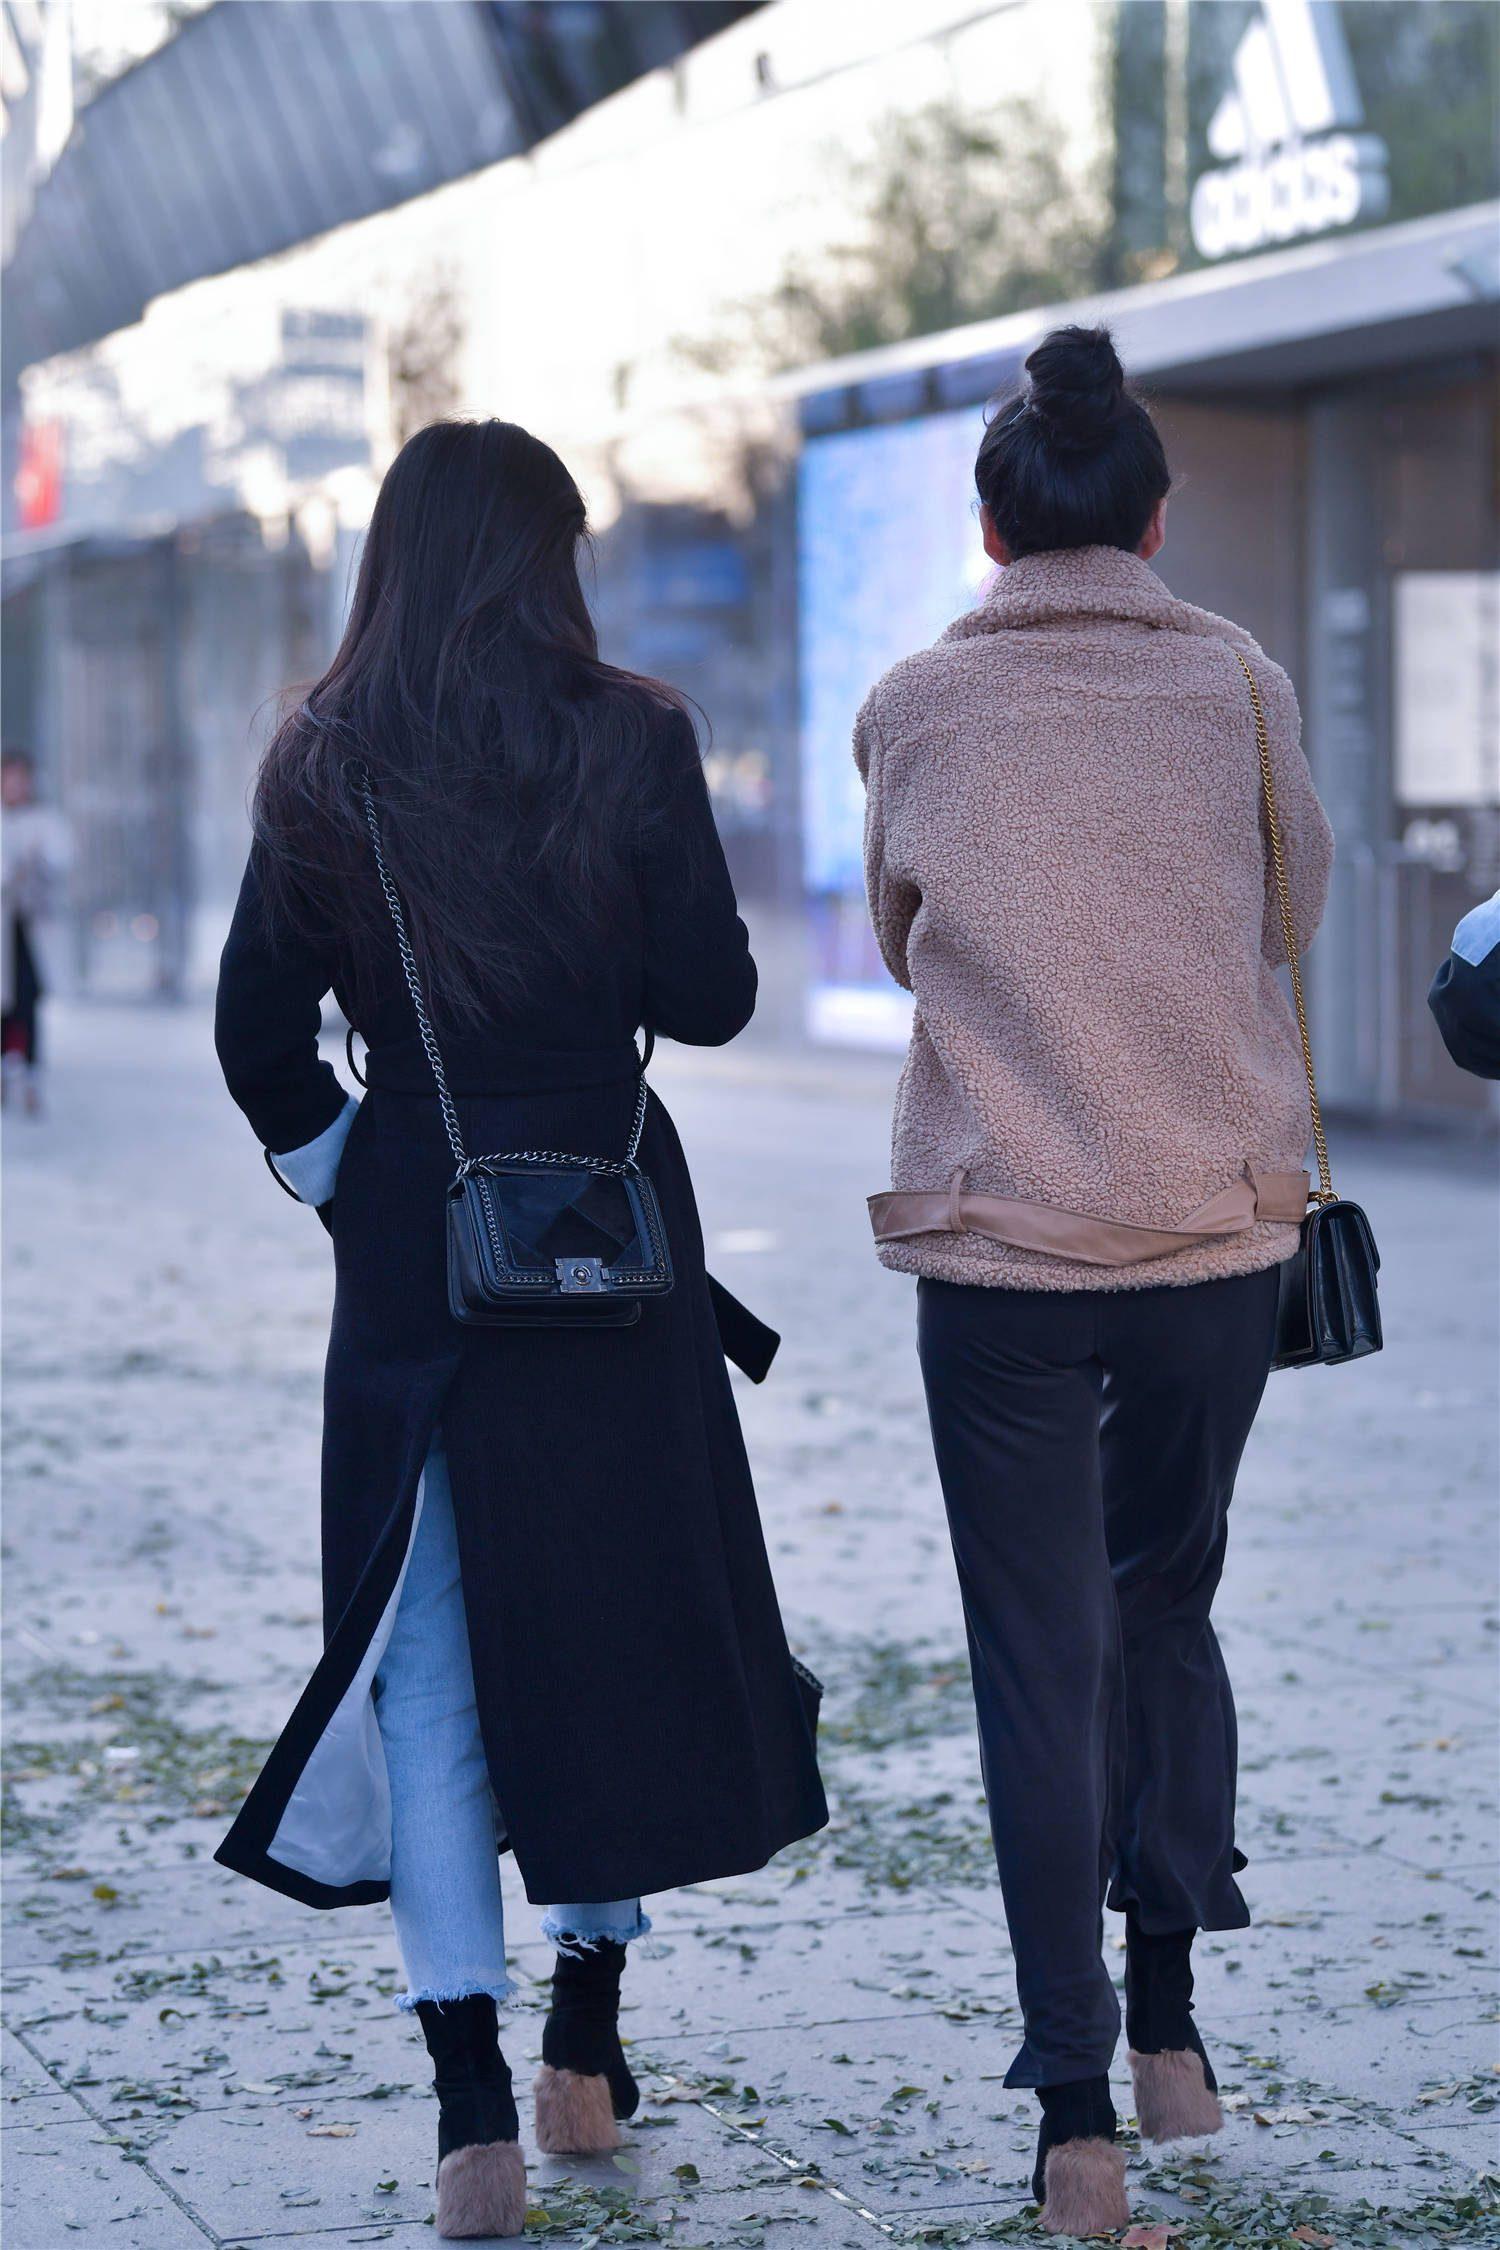 有一个会搭配的姐妹,是一种什么体验?逛街的时候,你会怎么穿搭